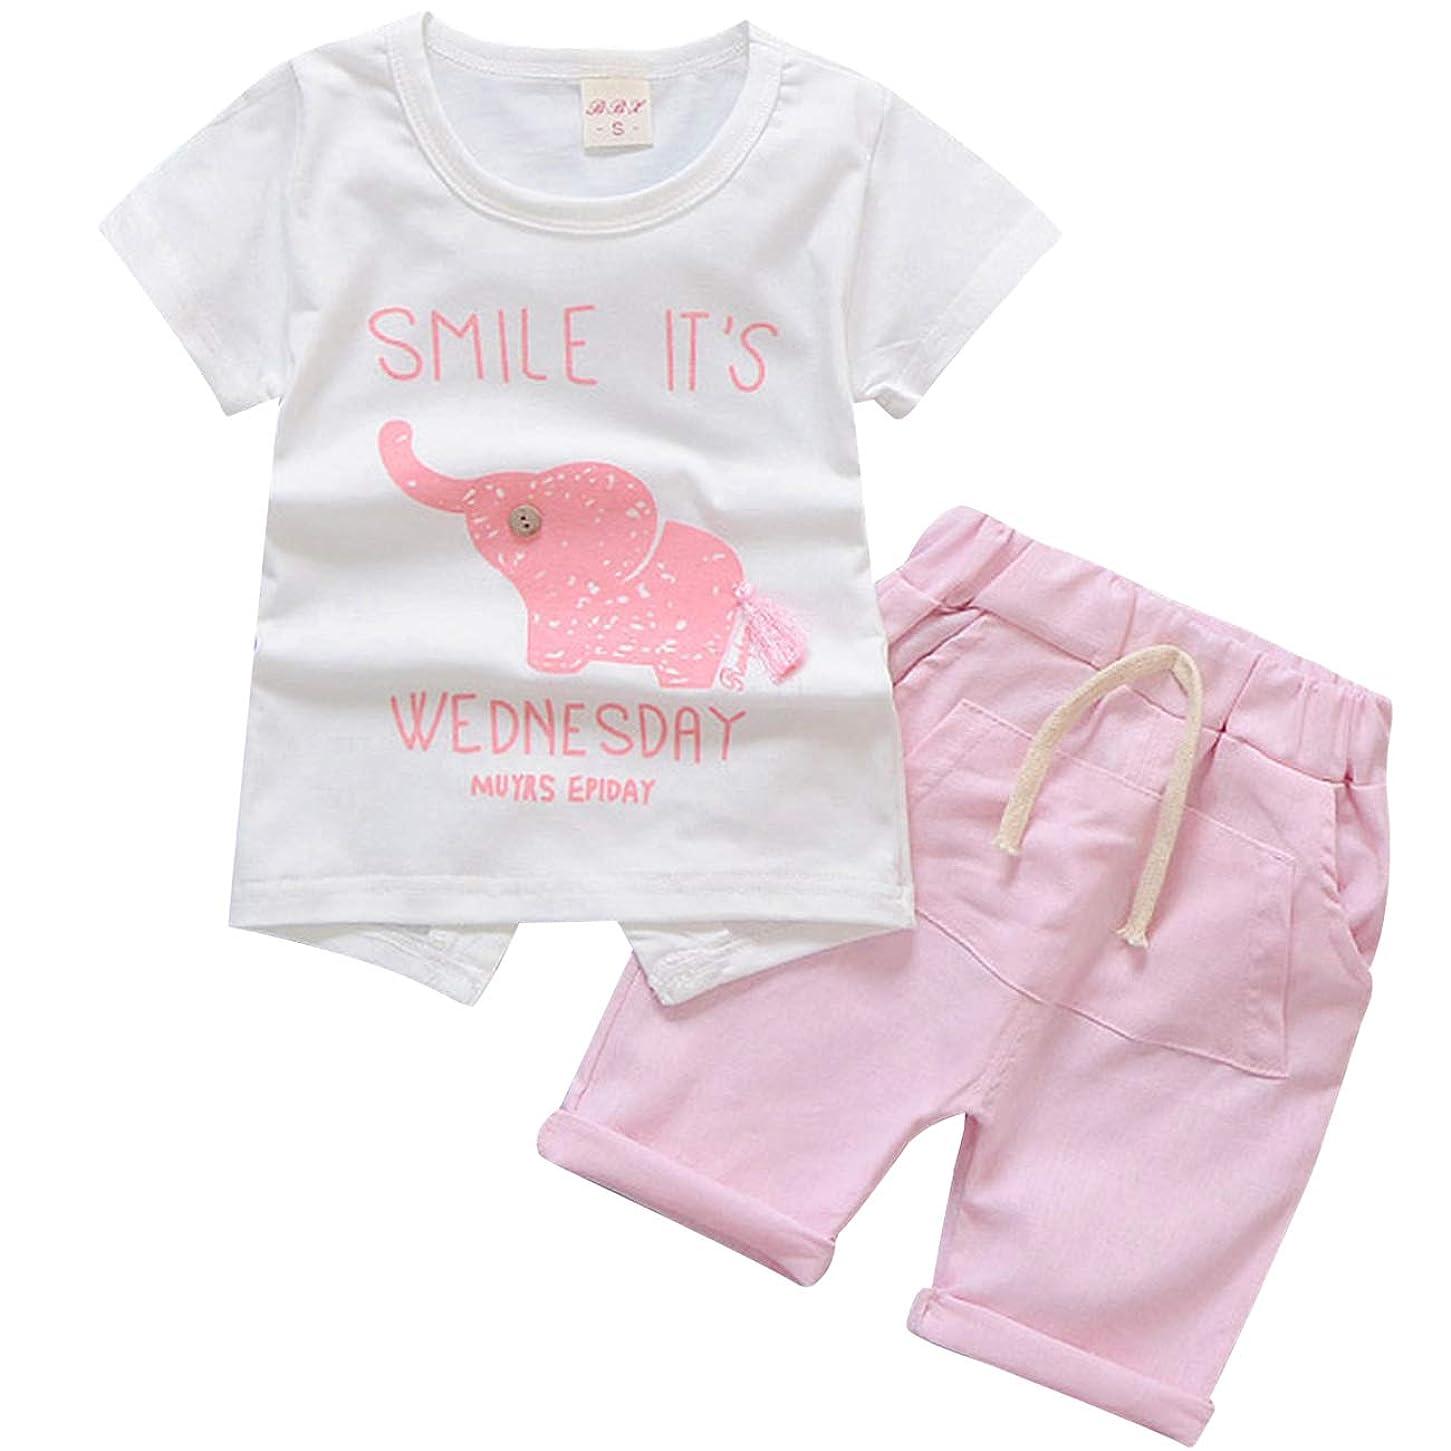 楽観不測の事態ホバートO-PLUS キッズ服 可愛い 象 パジャマ 上下セット 半袖+半ズボン 子供服 ベビー服 男の子 1-4歳 綿